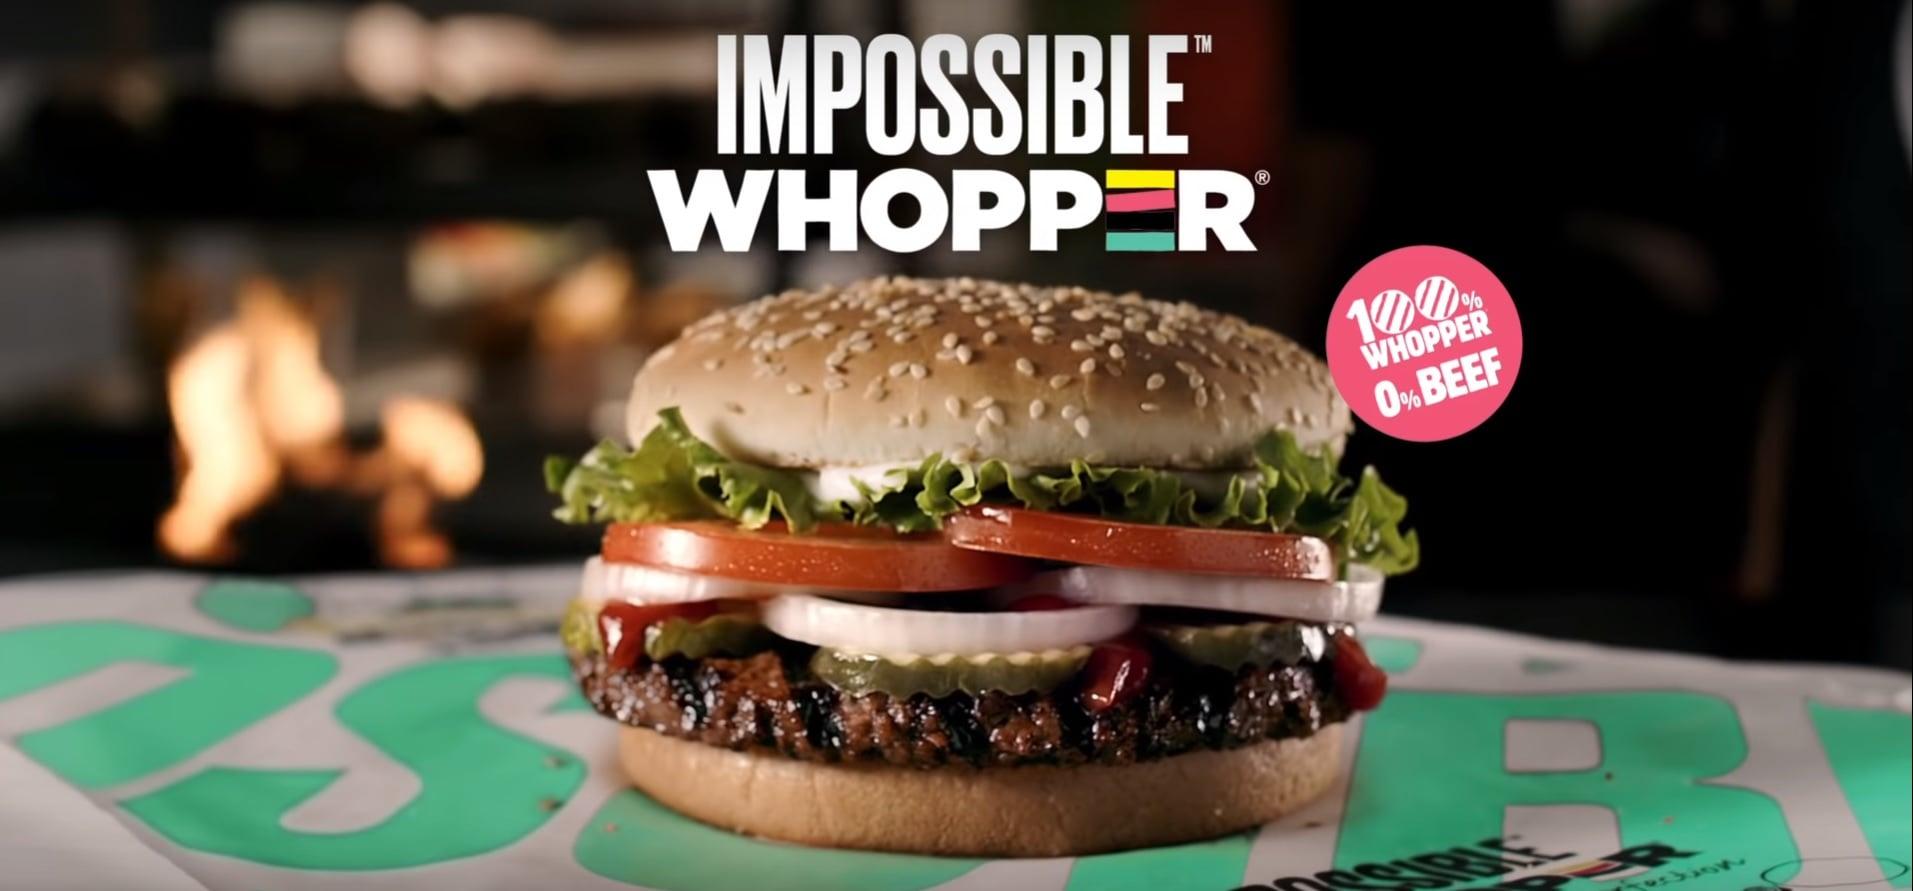 Burger King'den Hayvansal Gıda İçermeyen Impossible Whopper